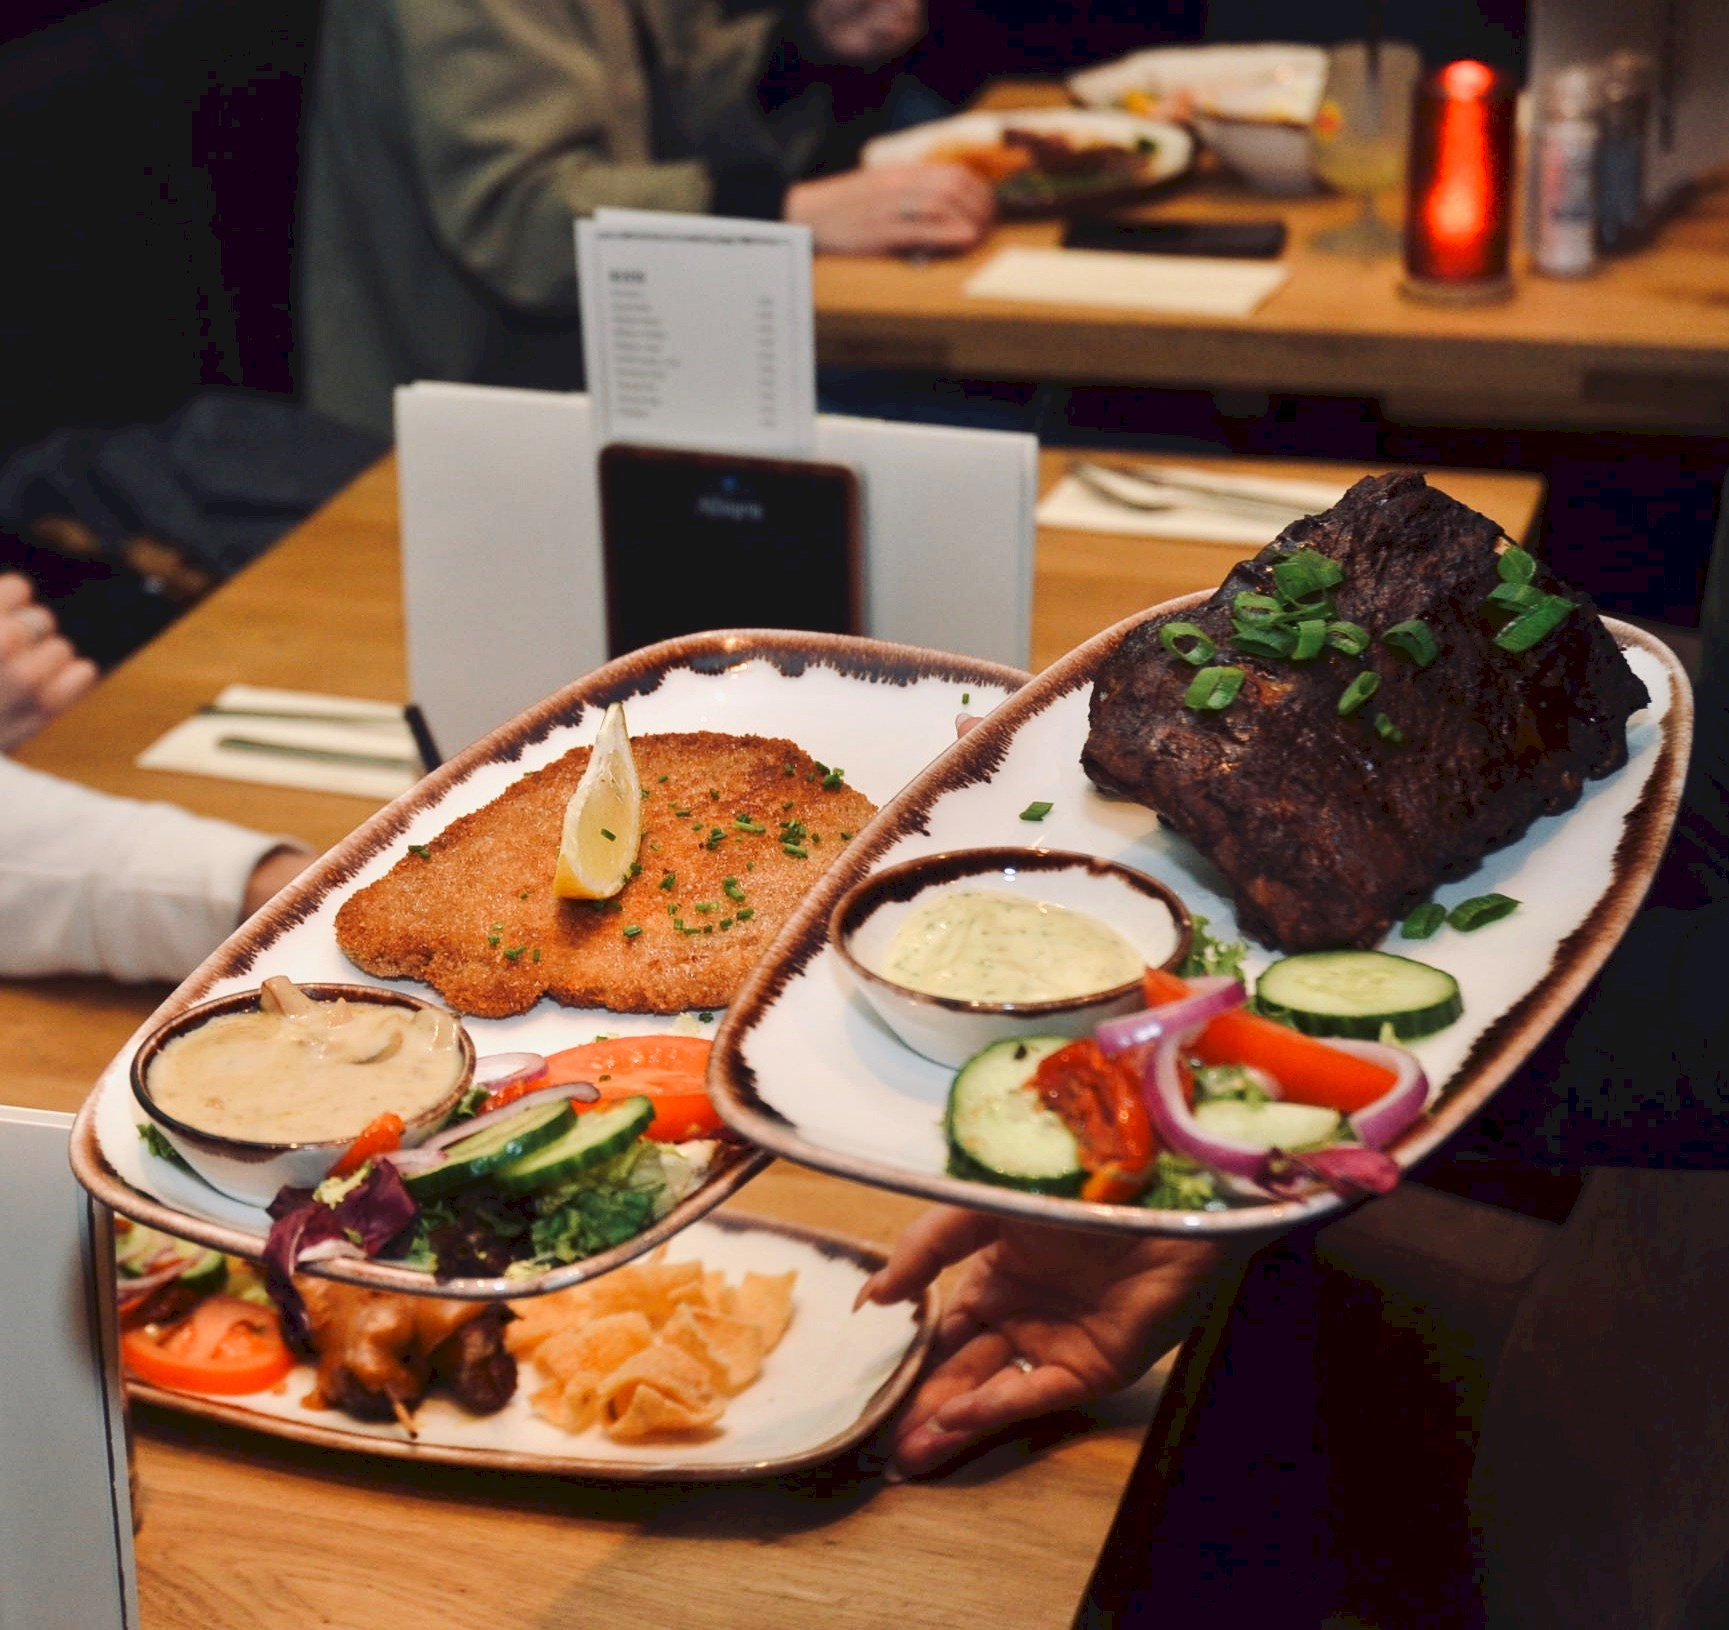 eten en drinken in Almere-Centrum, Brasserie La Maison